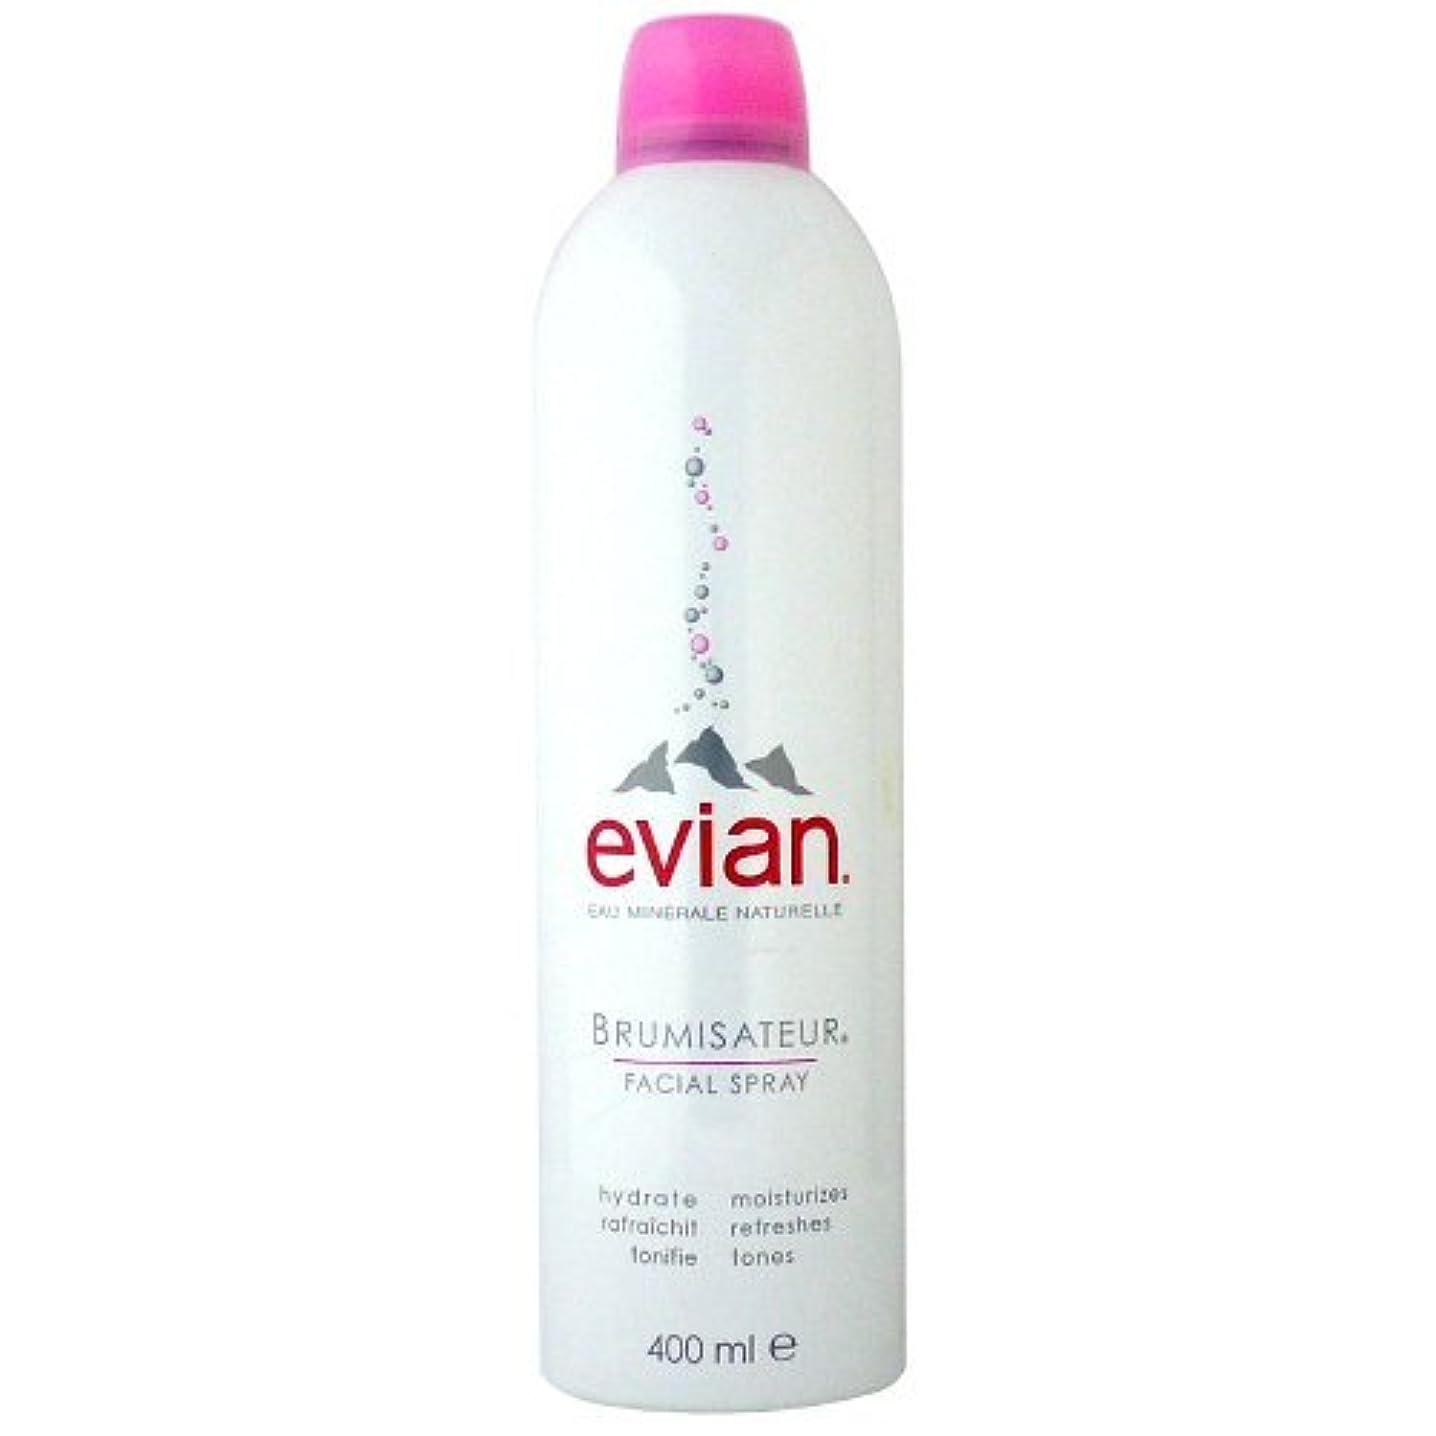 アストロラーベ中傷うつエビアン(evian) ブルミザトワール (化粧水) 400ml[並行輸入品]